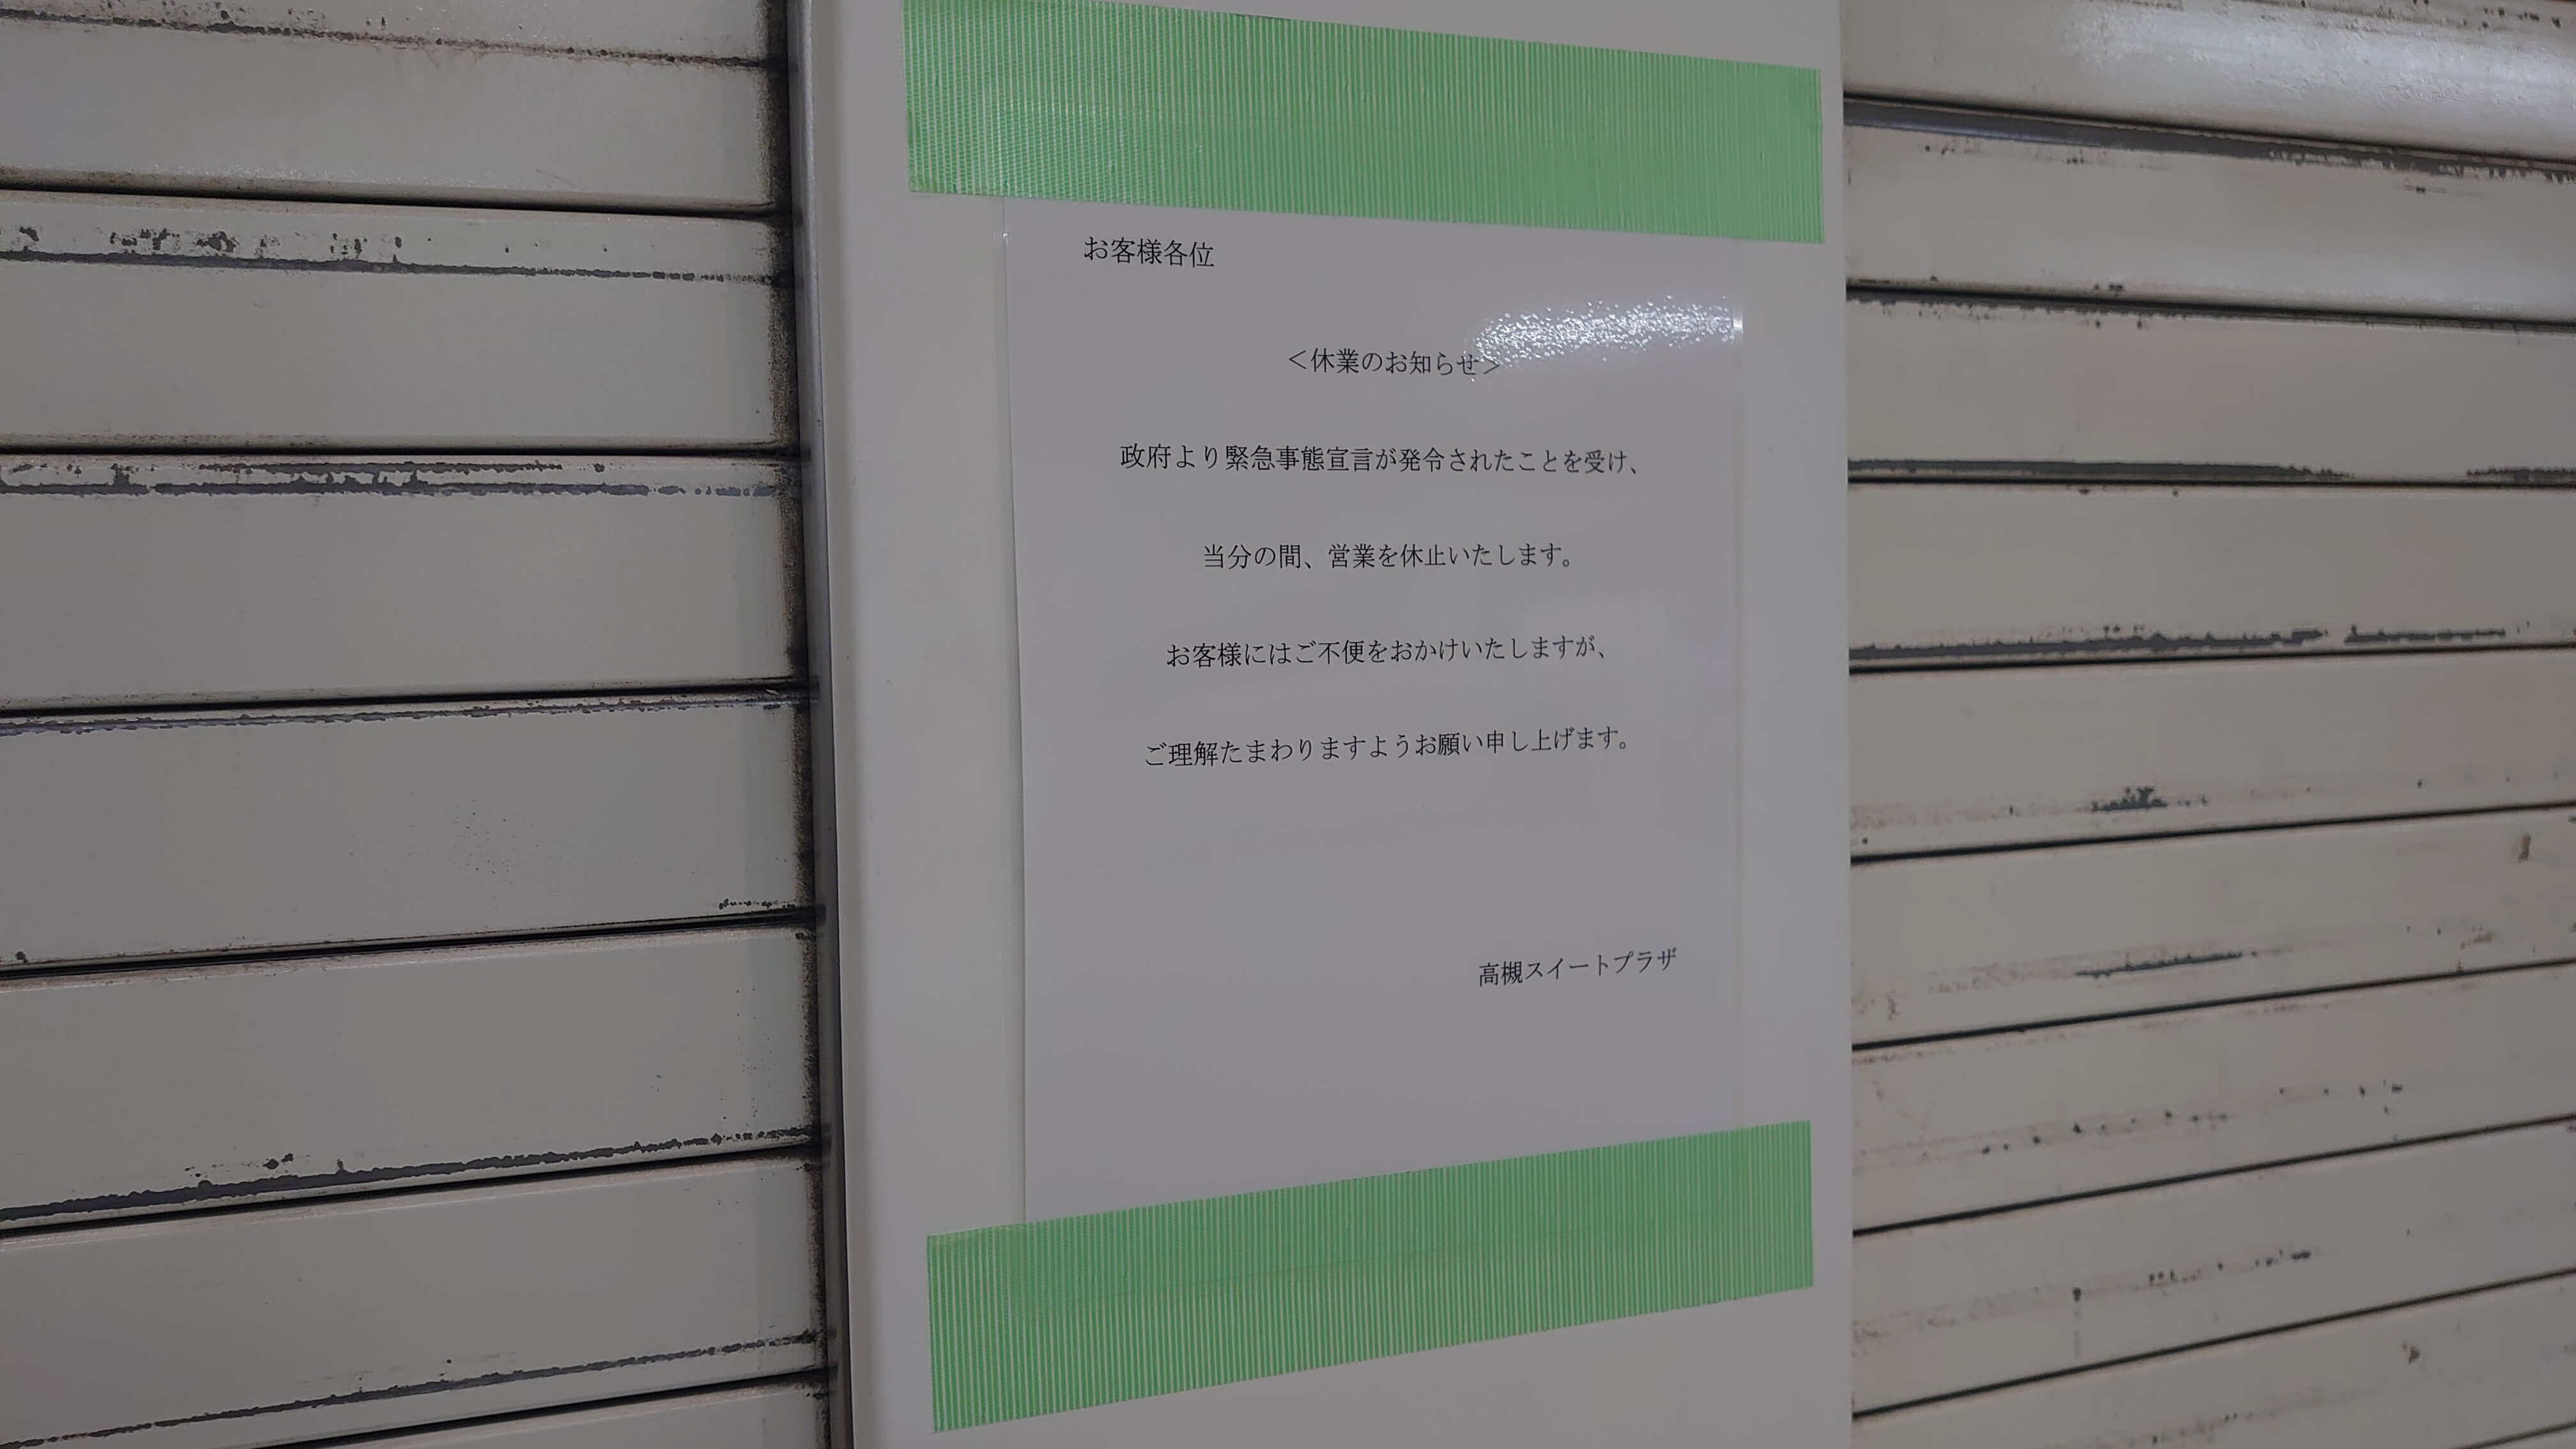 スイートプラザ JR高槻 臨時休業のお知らせ